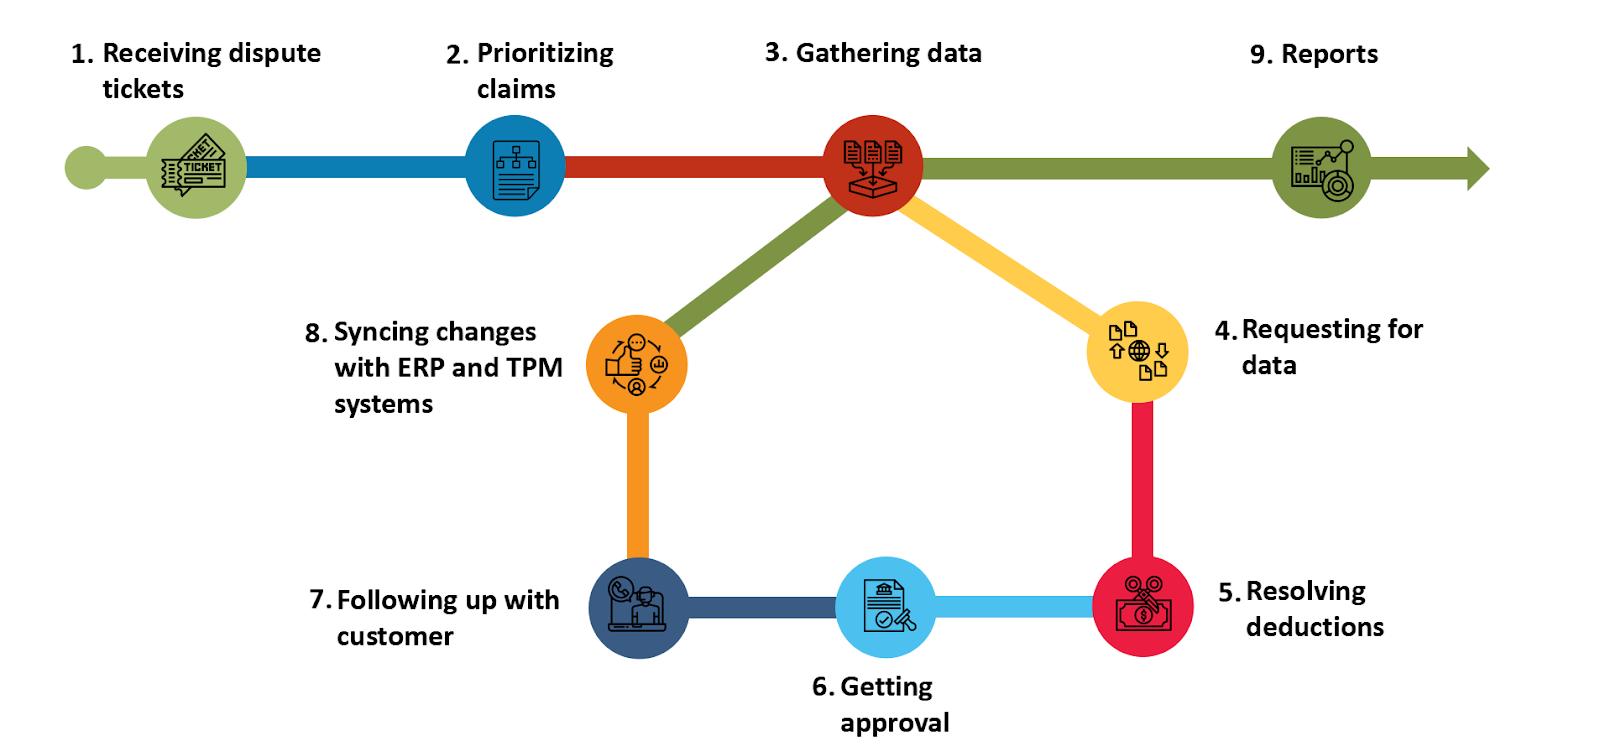 Deductions management process flowchart